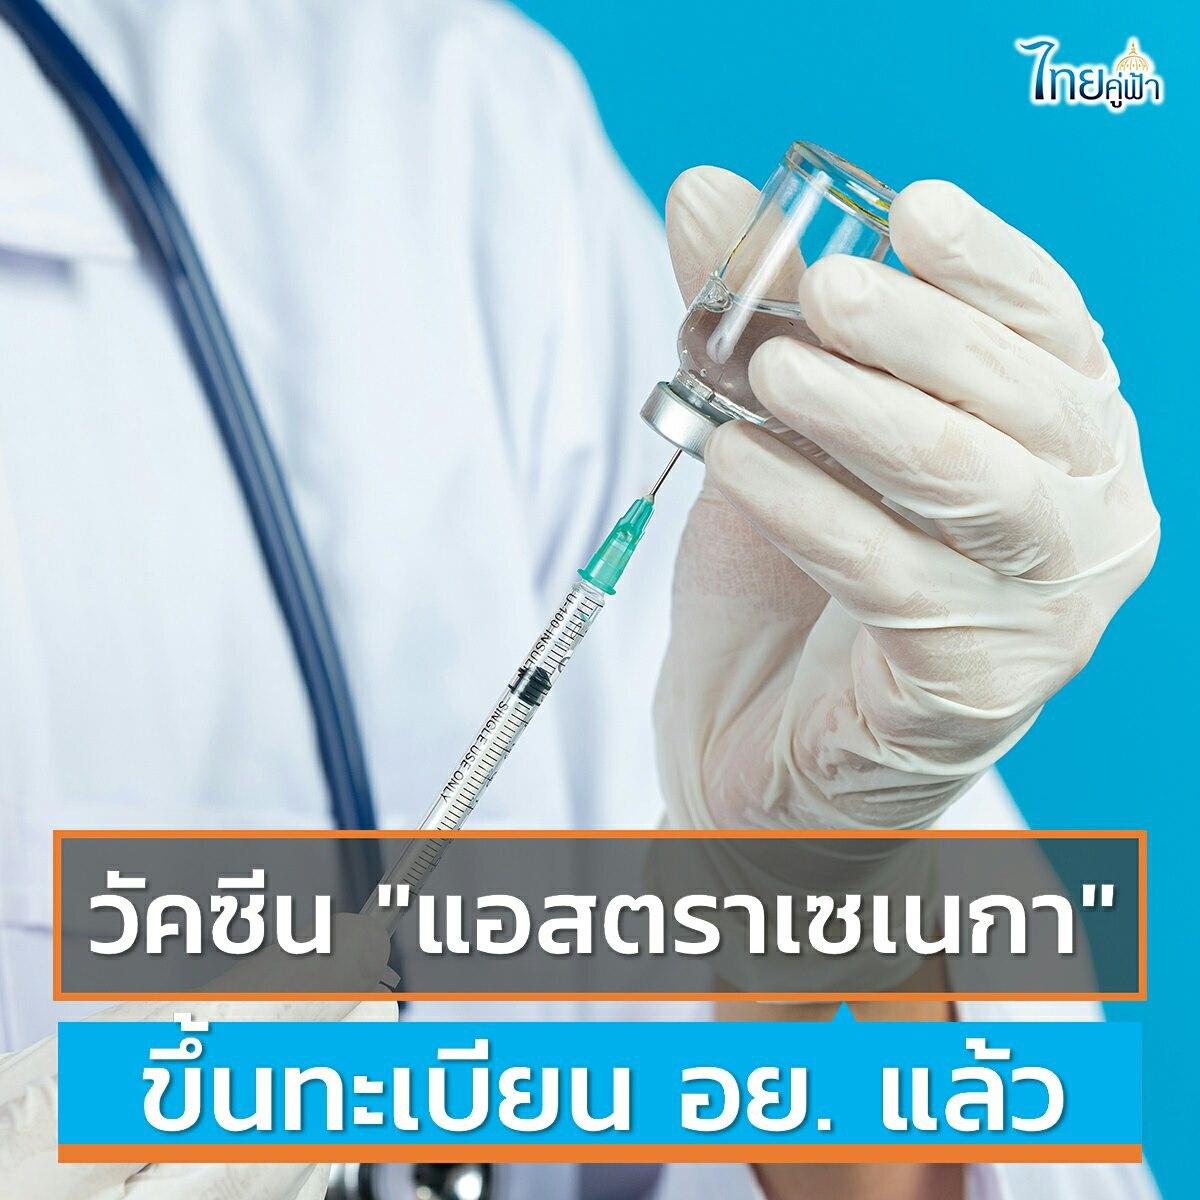 เลขาฯนายกรัฐมนตรี รับมีการเรียก ผอ.วัคซีนเข้าพบจริงเพื่อสรุปรายละเอียด